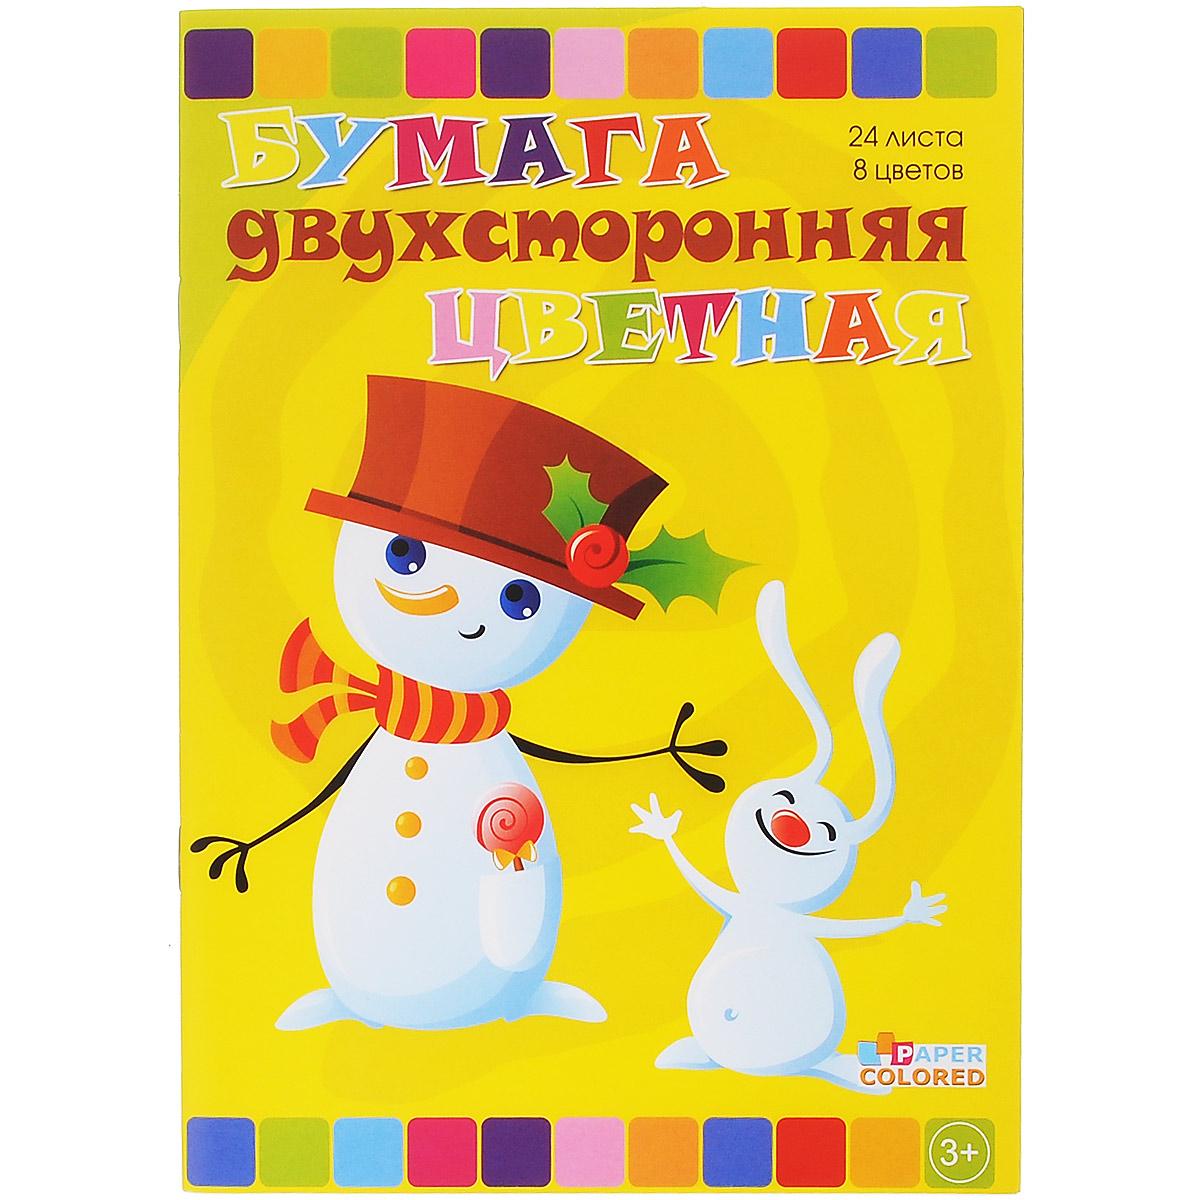 Цветная бумага Бриз, двухсторонняя, мелованная, 8 цветов. 1123-50610-6751Набор цветной бумаги Бриз идеально подойдет для творческих занятий в детском саду, школе и дома.В комплект входят 24 двухсторонних листа мелованной бумаги голубого, зеленого, малинового, коричневого, оранжевого, розового, красного и черного цветов. Бумага поставляется в виде альбома. Мелованная бумага имеет преимущество над обыкновенной, ее цвета значительно ярче. Широта возможностей применения приятно удивит самого взыскательного маленького творца. Рекомендуемый возраст от 3 лет.